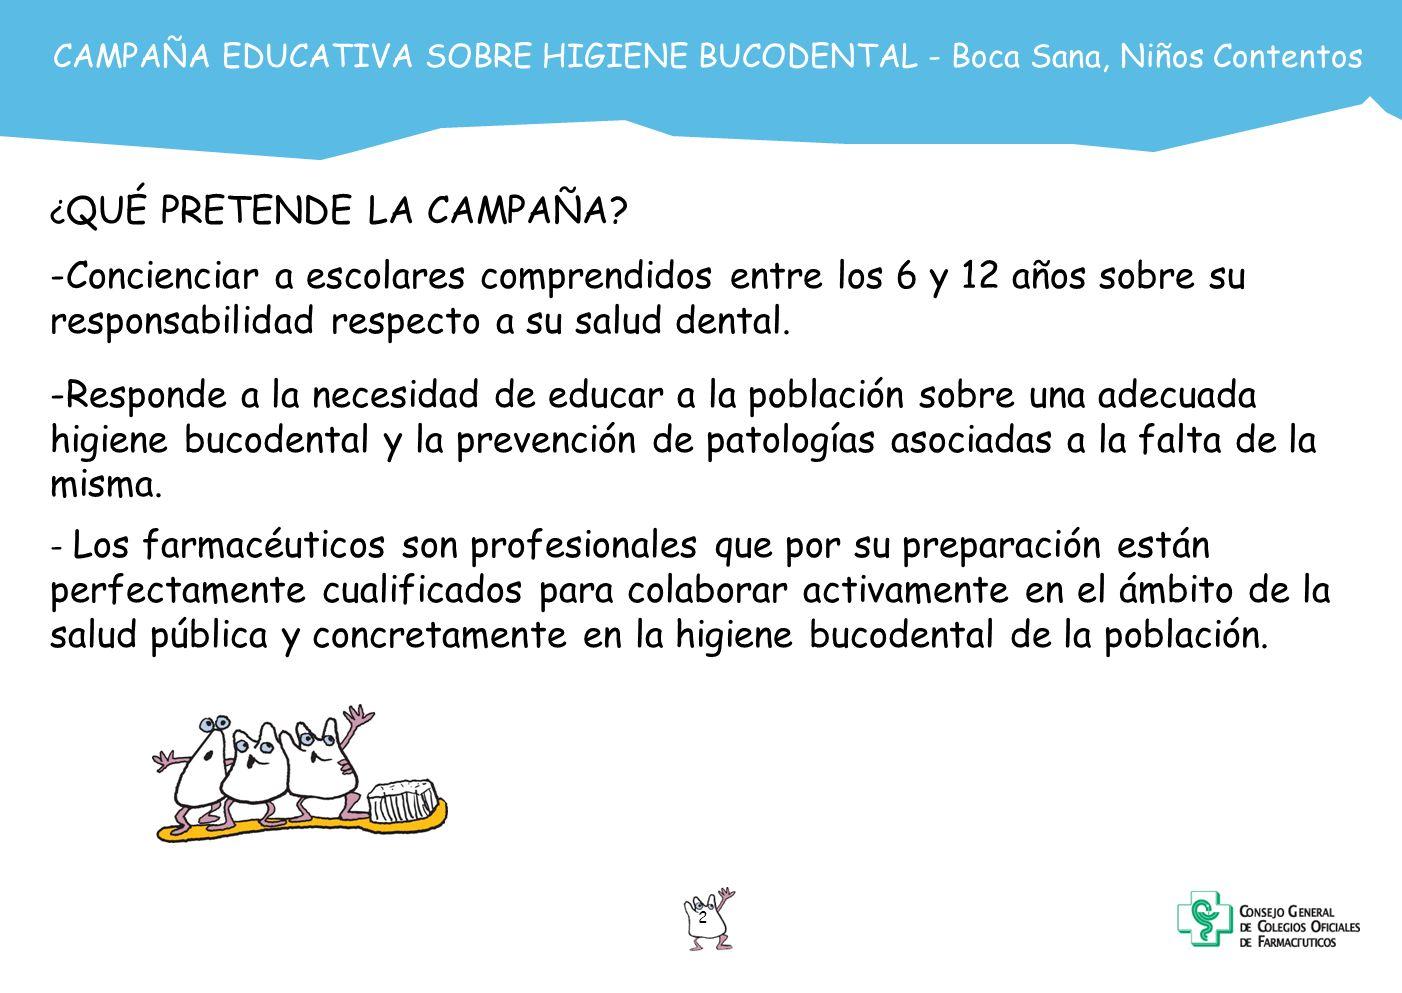 3 CAMPAÑA EDUCATIVA SOBRE HIGIENE BUCODENTAL - Boca Sana, Niños Contentos SITUACIÓN ACTUAL de la higiene bucodental en la población (I) Según el Libro Blanco de Odonto-estomatología 2005 sobre hábitos, actitudes y opiniones de la población en relación a la salud bucodental: Respecto al cepillado de dientes: - El 83.5% de la población igual o mayor a 13 años se cepilla los dientes al menos 1 vez al día - Sólo el 31% lo hace de acuerdo con la frecuencia recomendada, 3 veces al día El empleo de otros medios auxiliares es poco frecuente: - El 5% emplea habitualmente hilo dental - El 16% afirma que emplea enjuagues bucales diariamente En la población infantil: - EL 68% de los niños de 2-6 años y el 78% de los niños de 7-13 años se cepilla los dientes al menos una vez al día